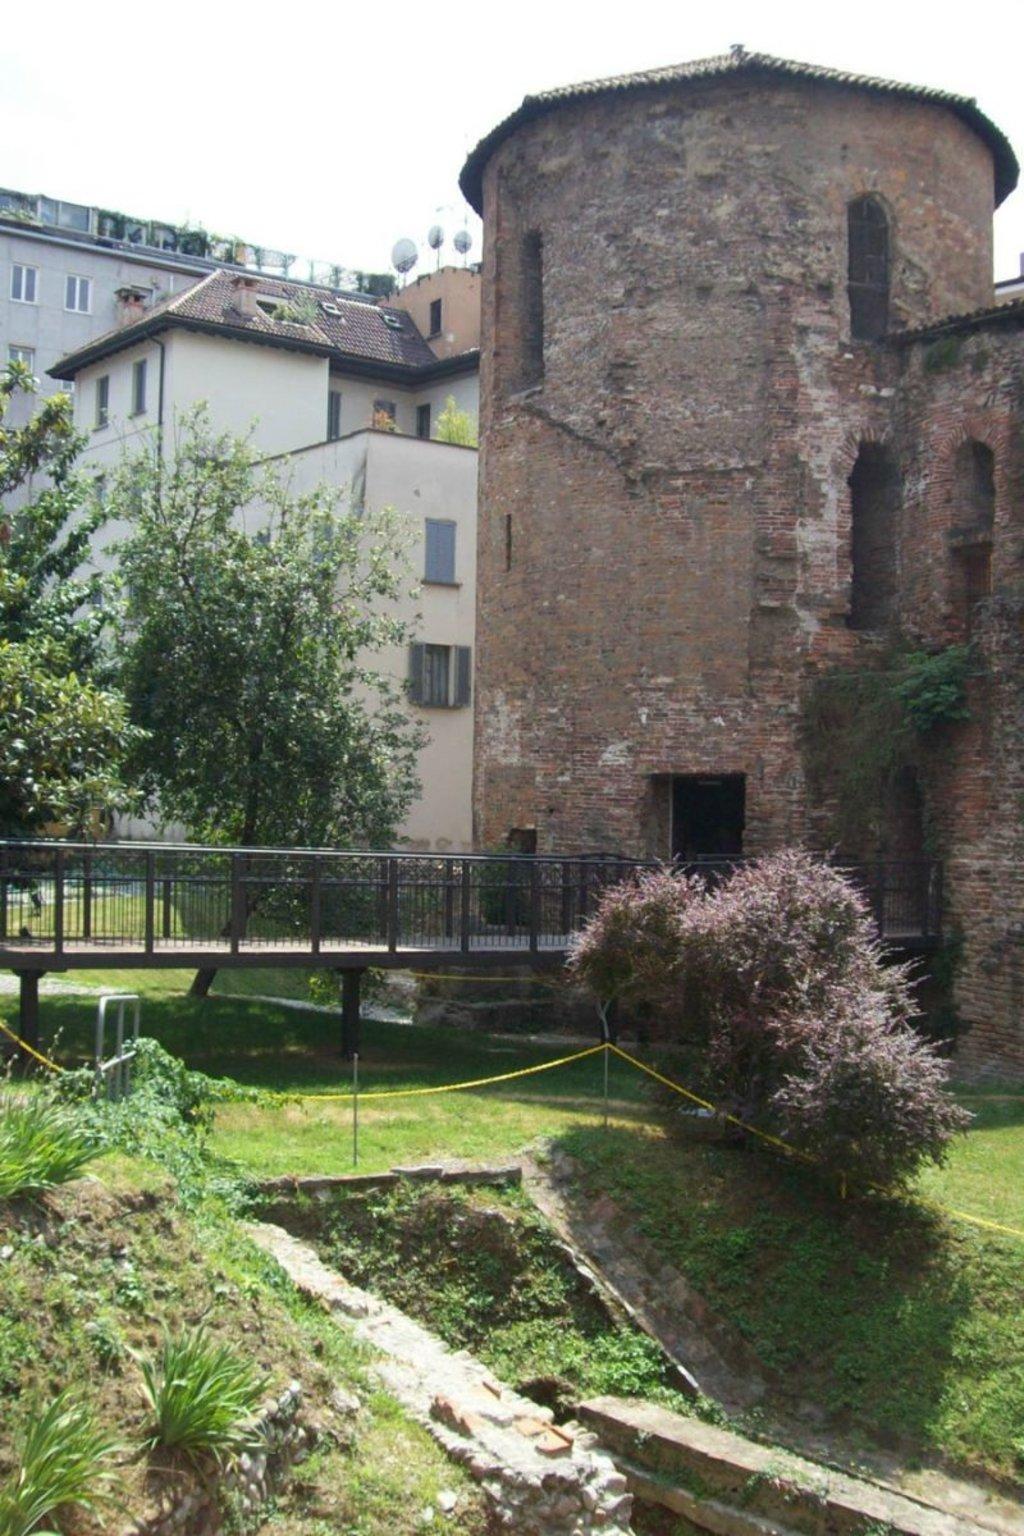 Torre poligonale romana nel giardino del Museo Archeologico, Paolobon 140 (opera propria), CC BY-SA 4.0 via Wikimedia Commons.